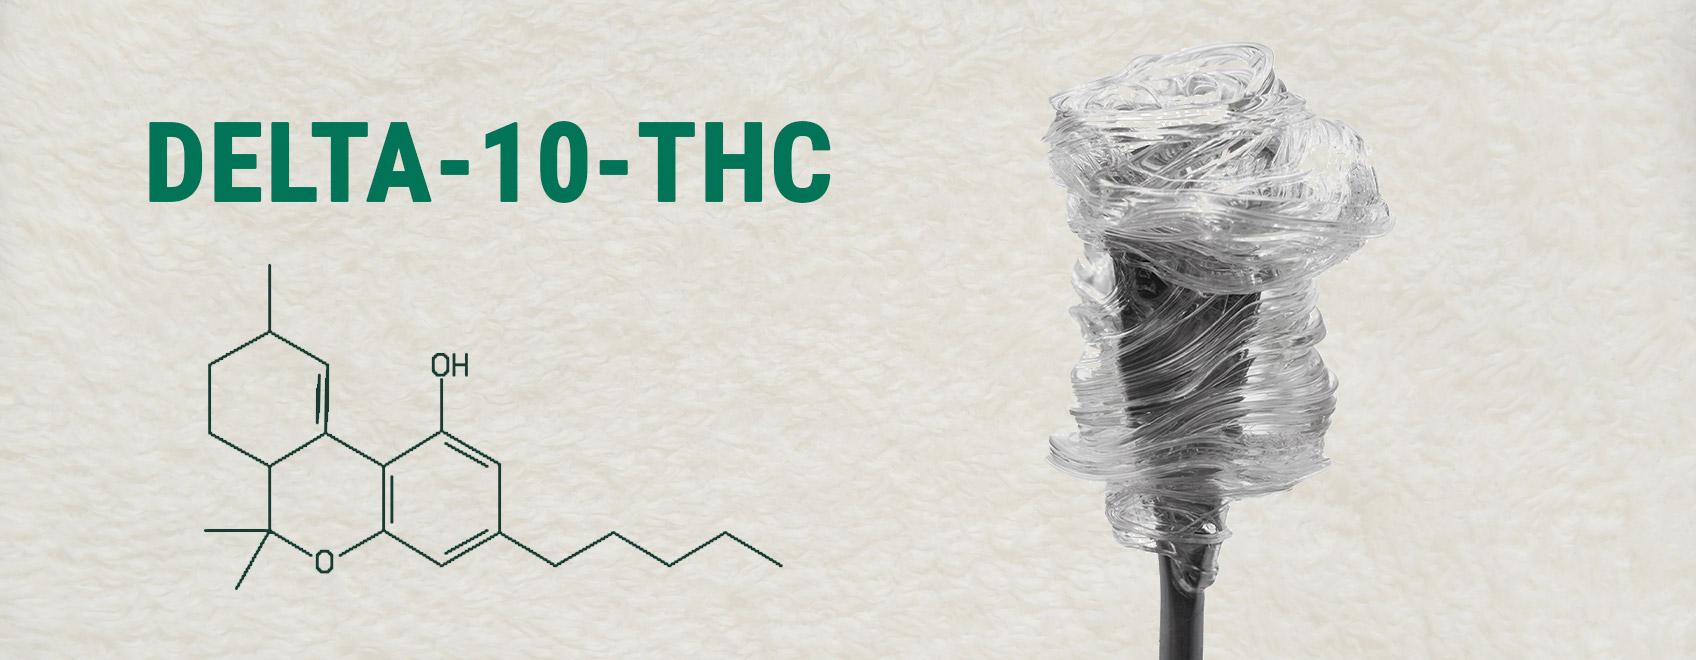 ¿Qué es el Delta-10-THC?